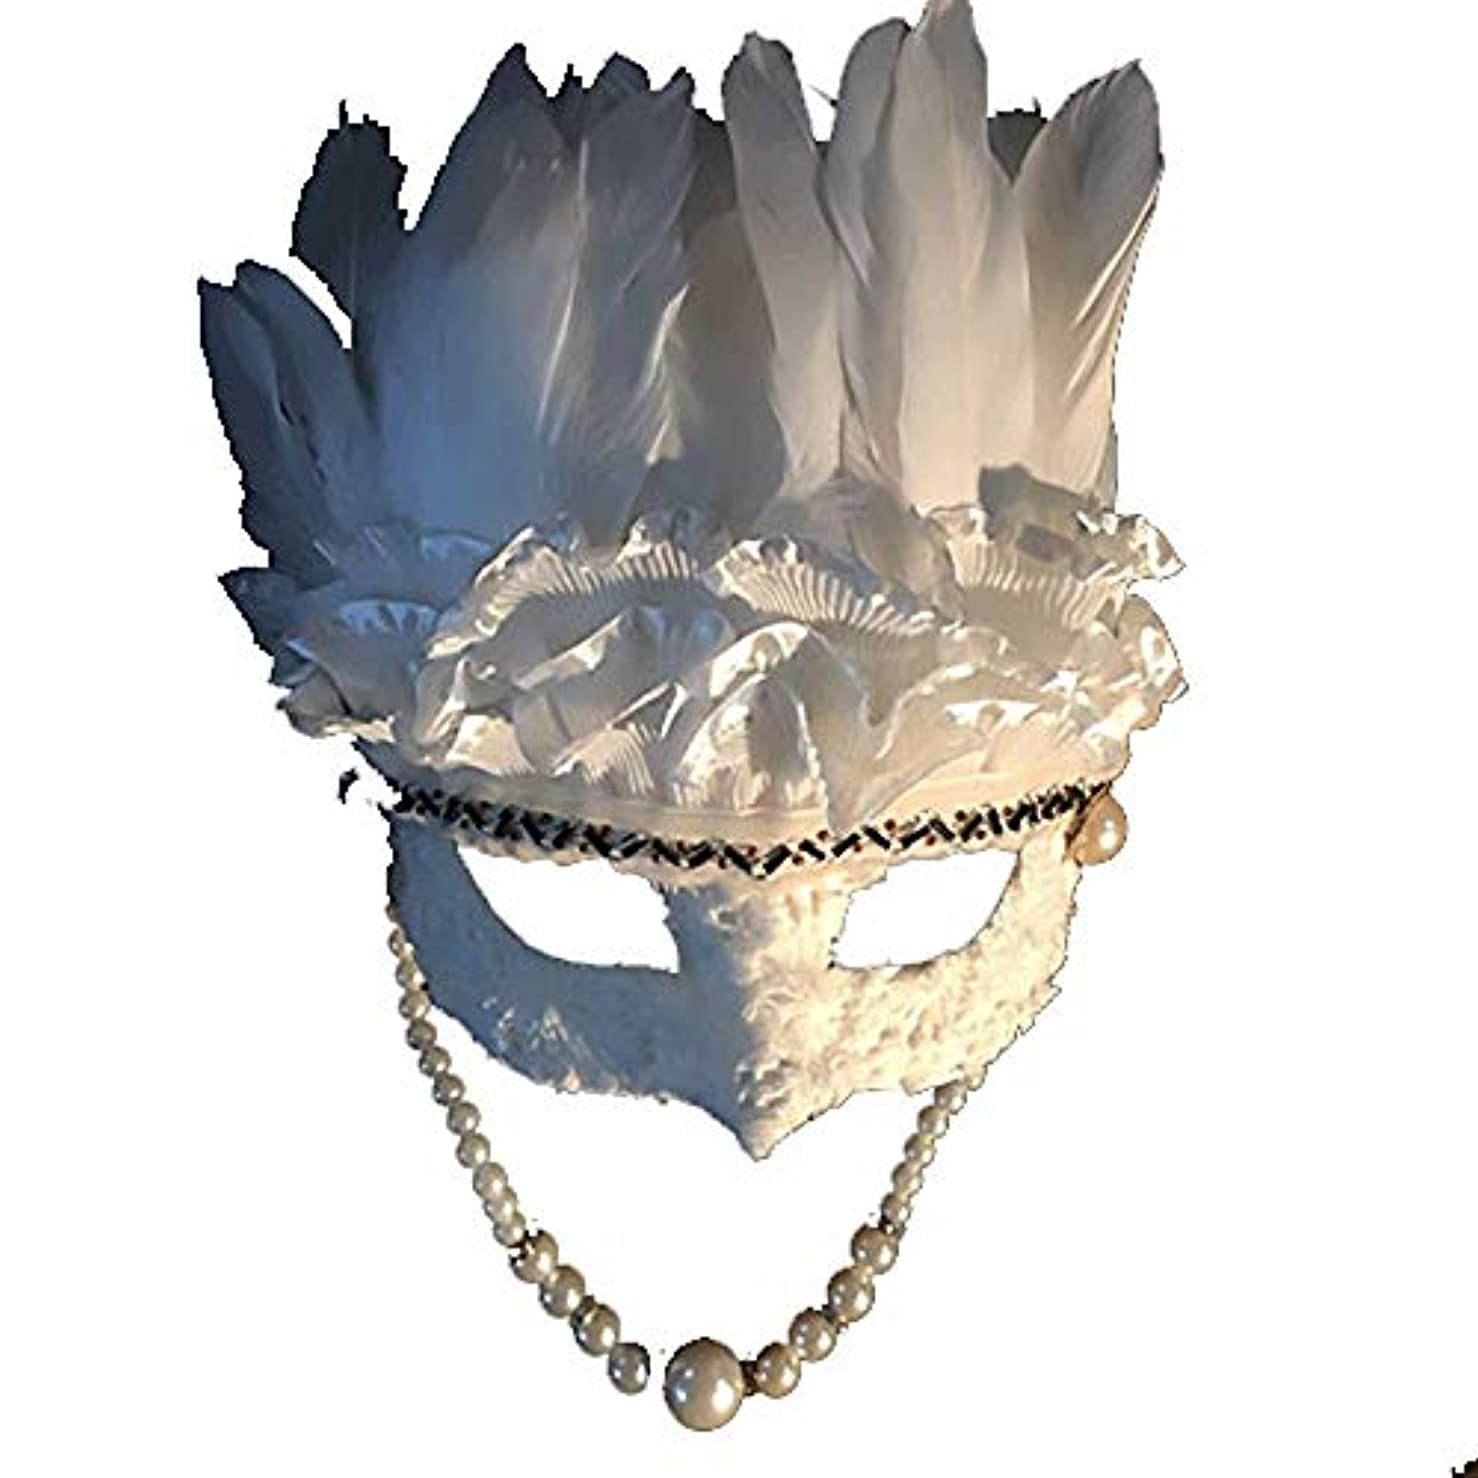 キャッチ干ばつどれかNanle ハロウィンクリスマスフェザースパンコール刺繍ビーズマスク仮装マスクレディミスプリンセス美容祭パーティーデコレーションマスク